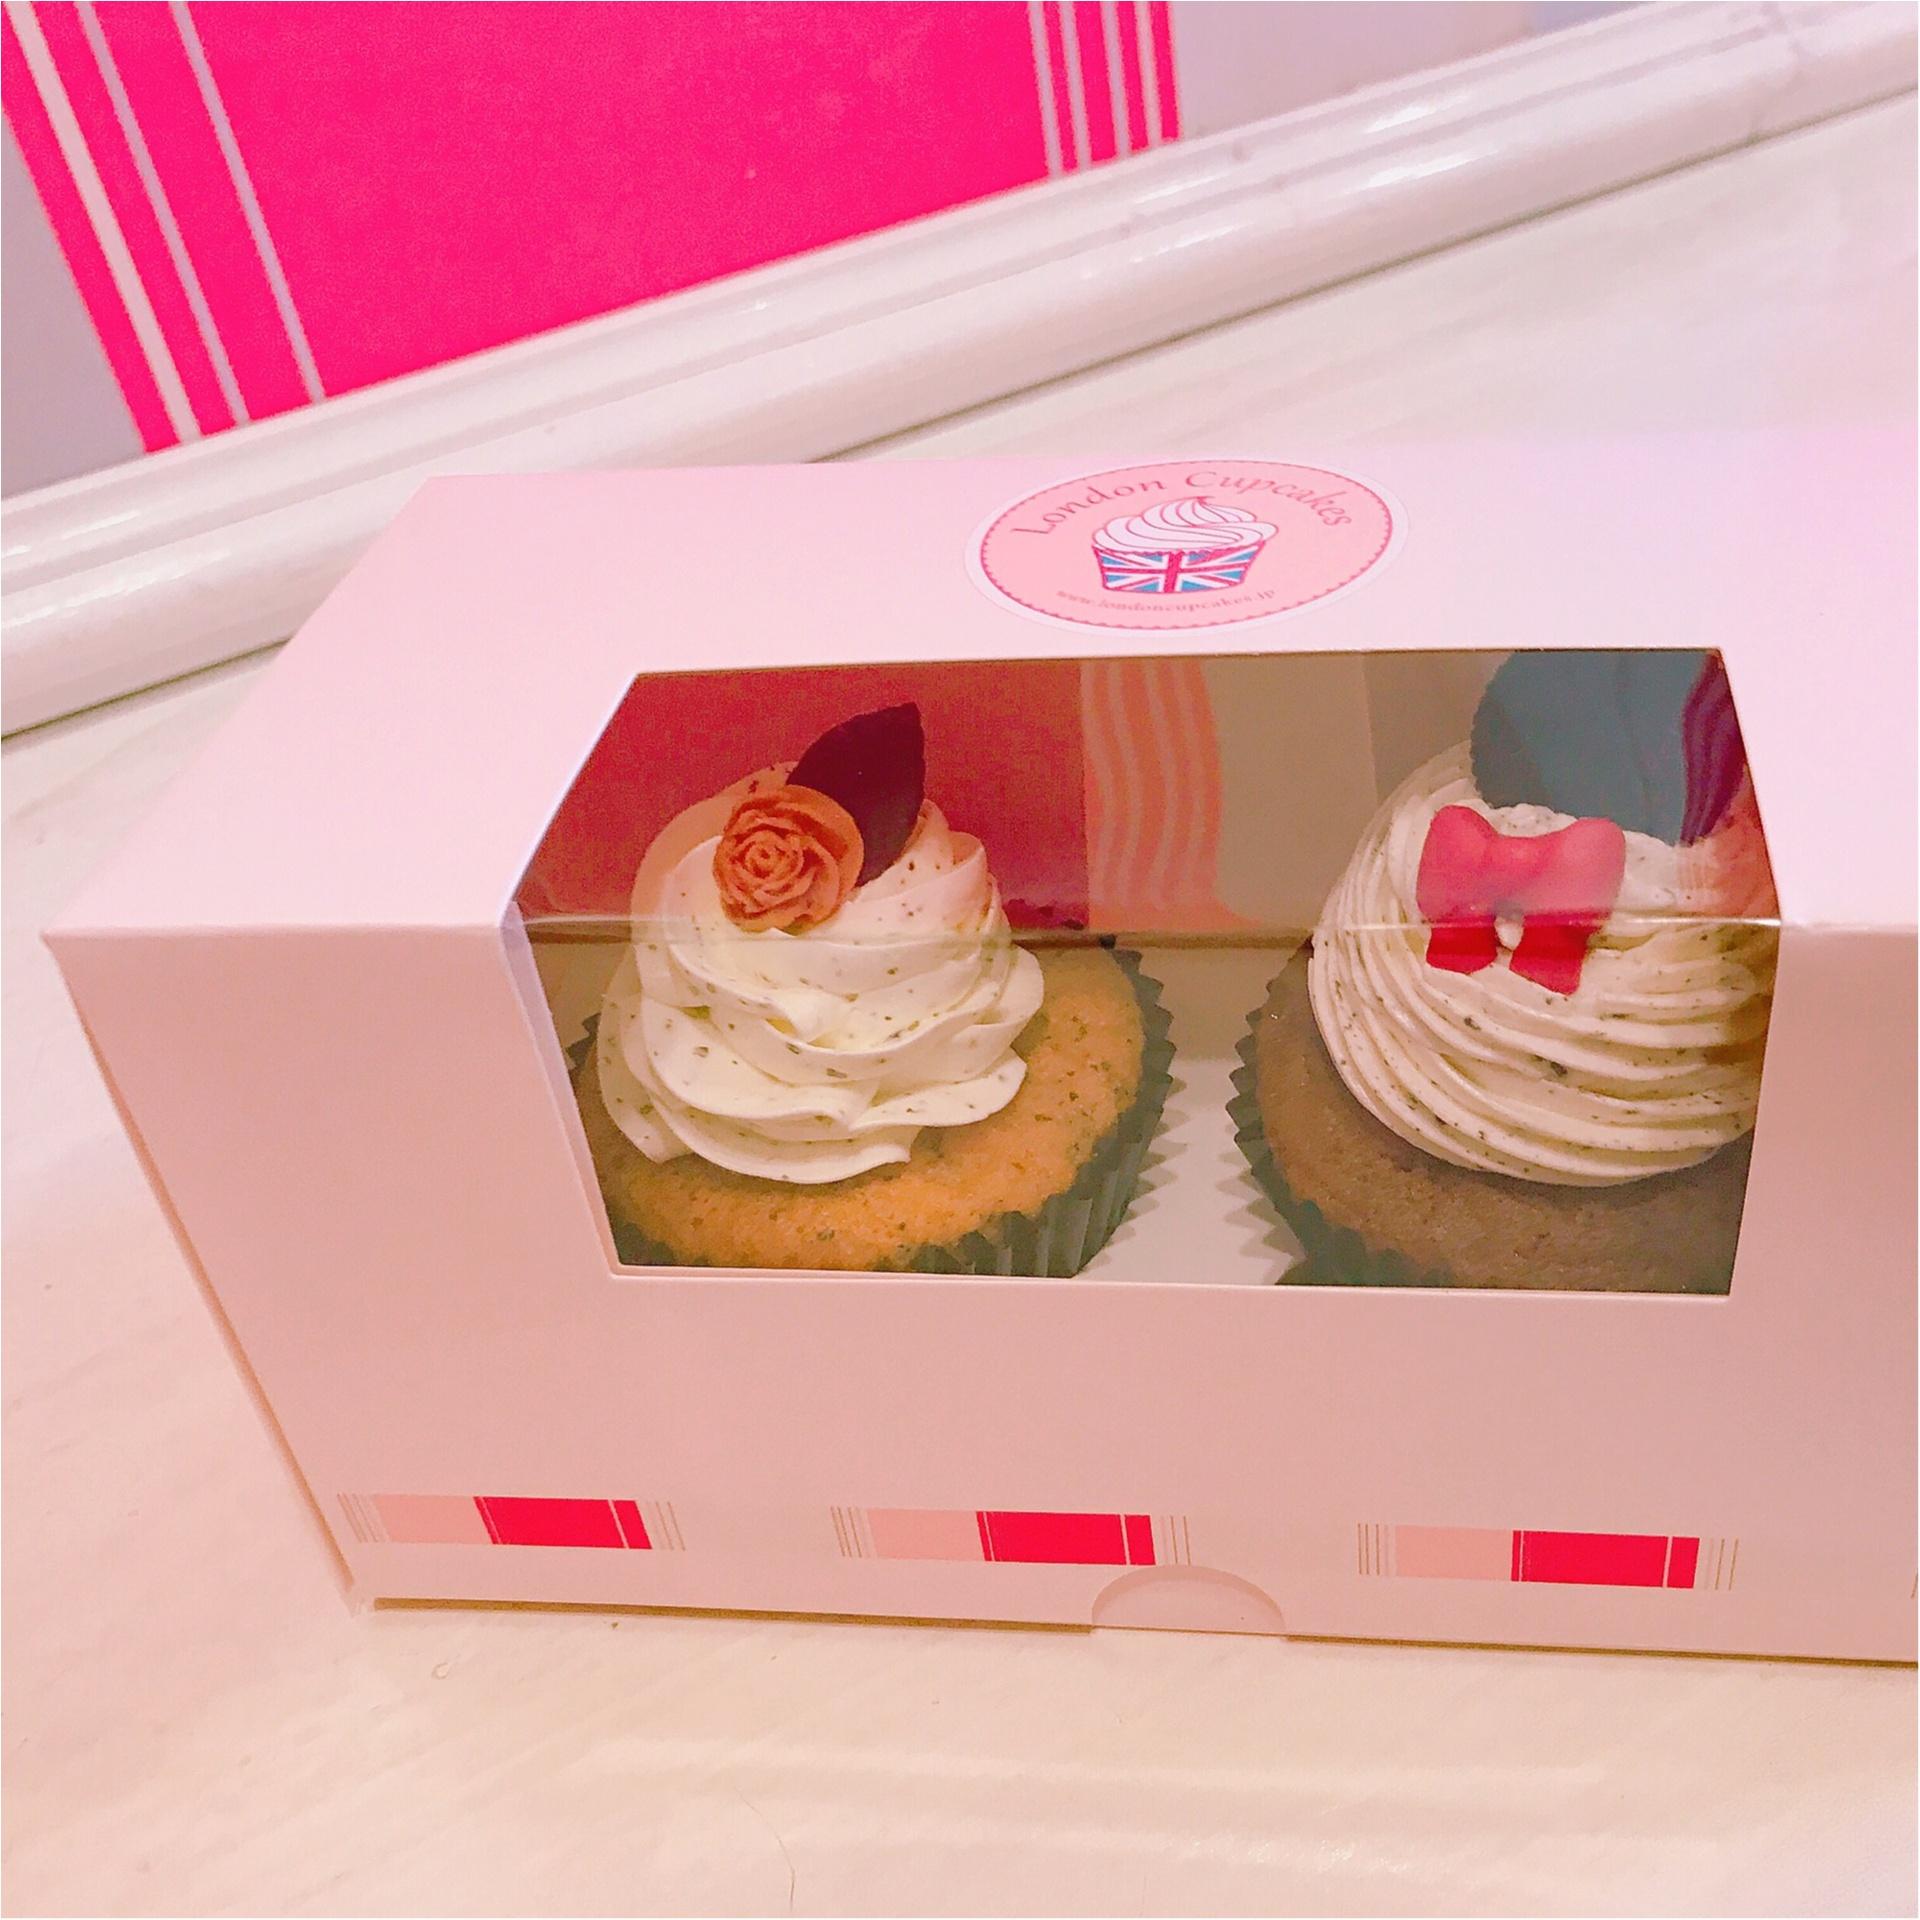 ★これからの時期には欠かせない⁈手土産にオススメ♡『London Cupcakes』のカップケーキ★_5